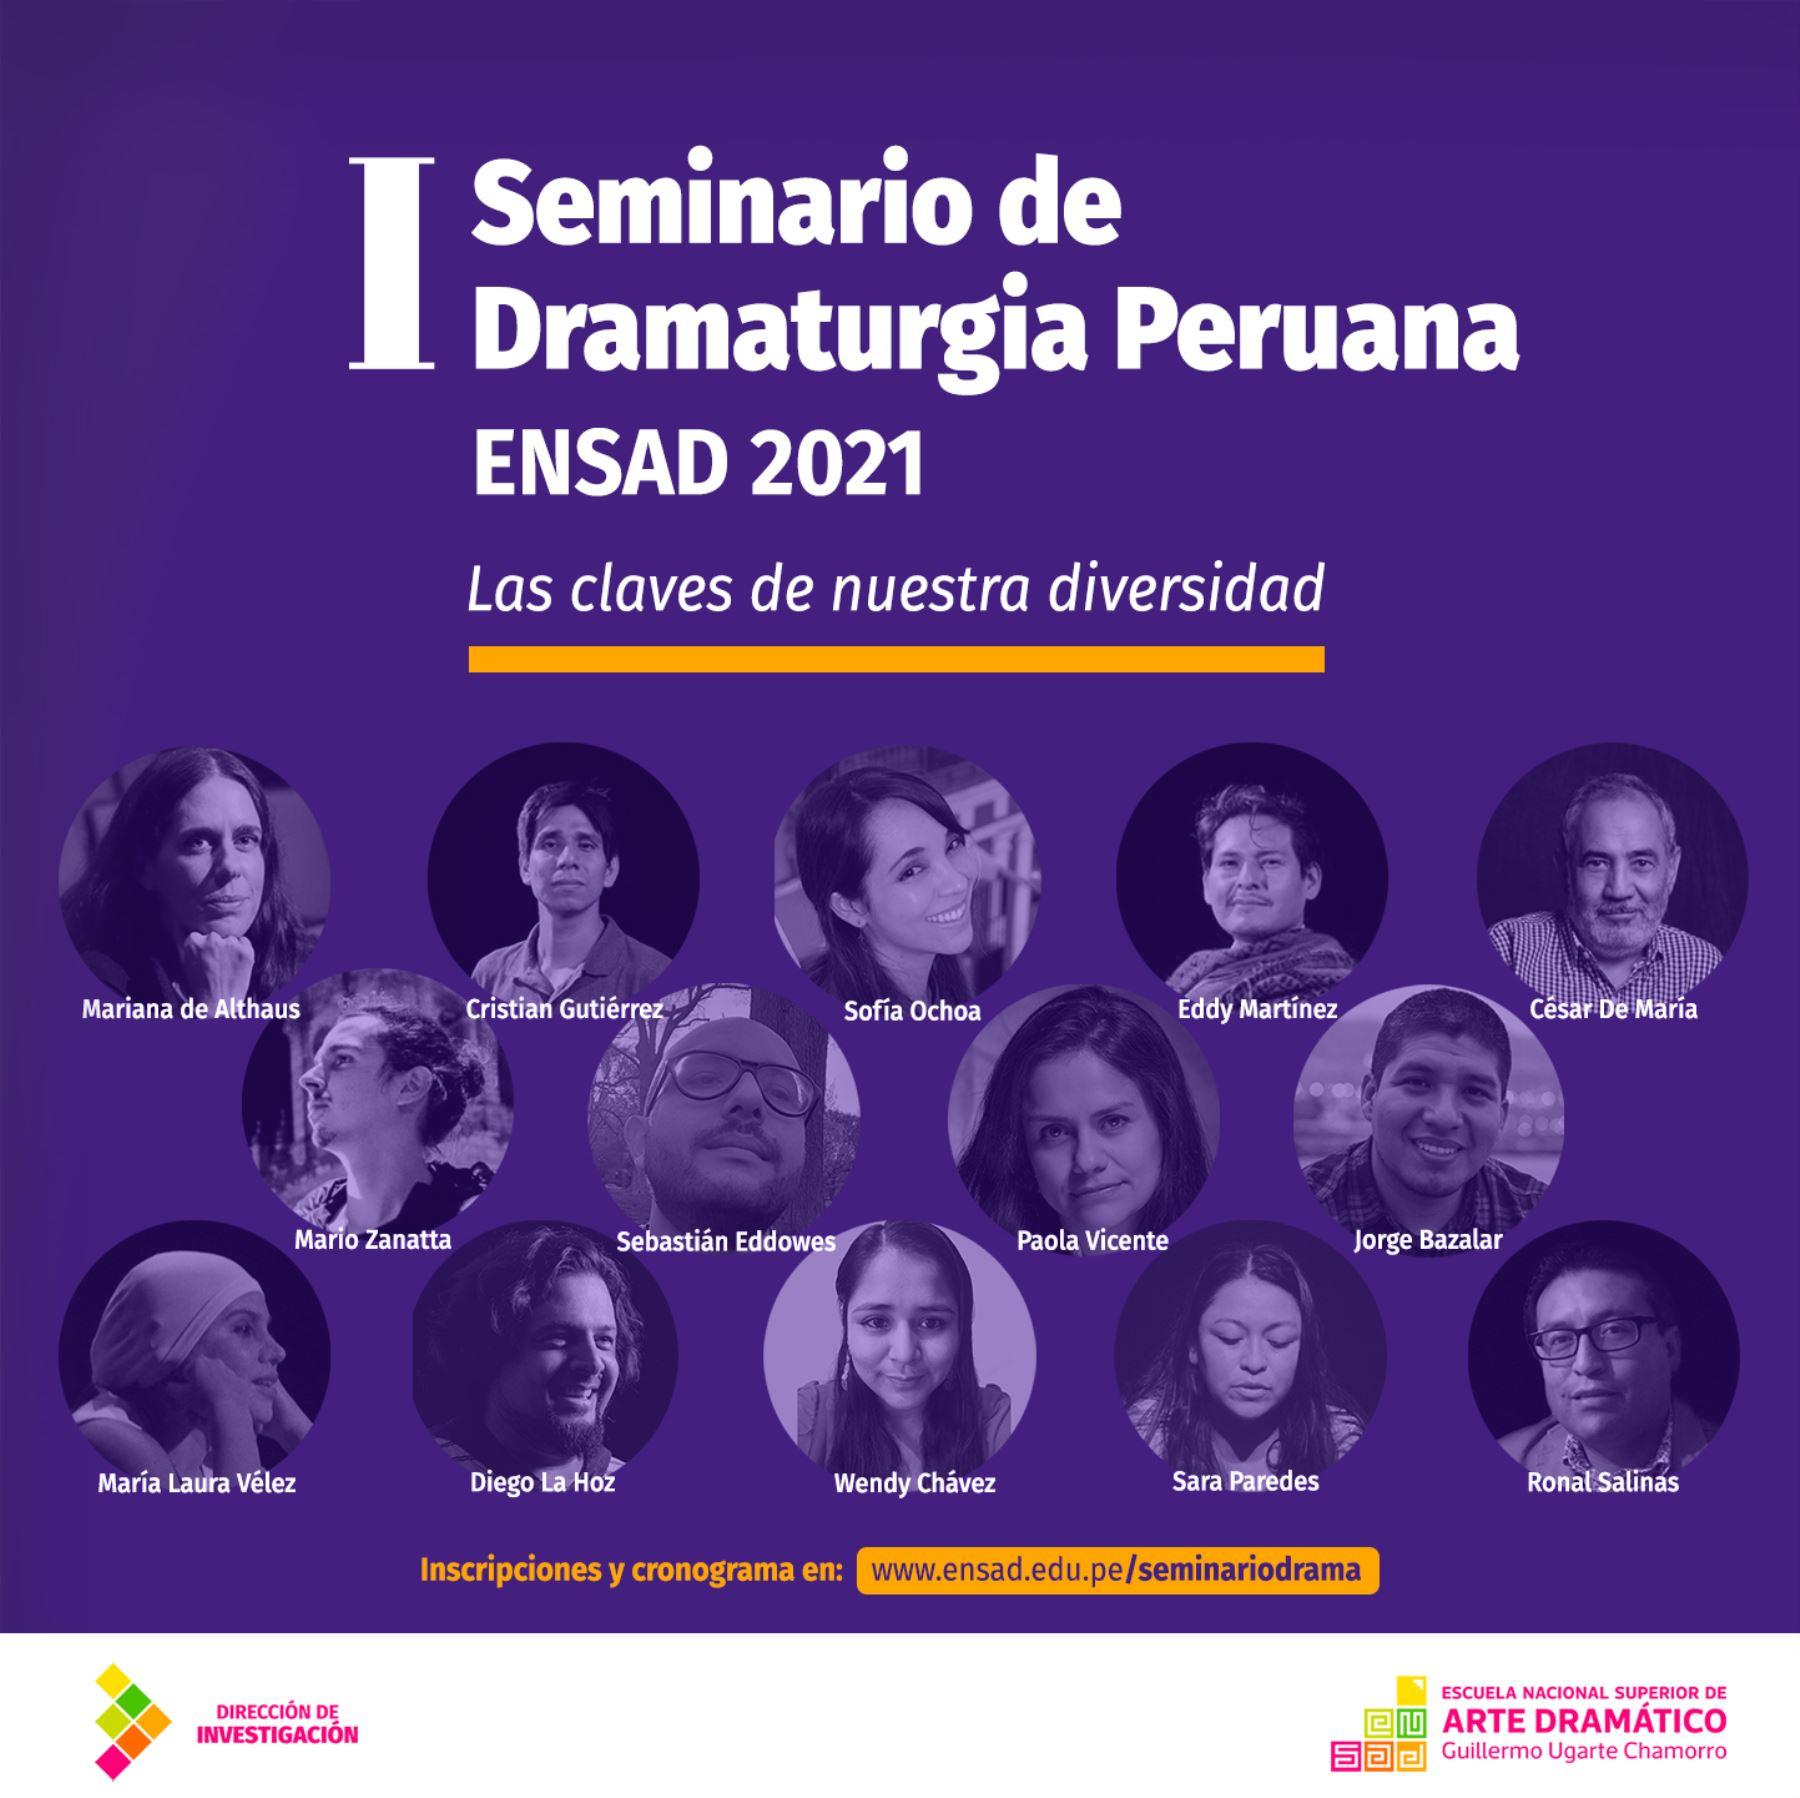 I Seminario de Dramaturgia peruana Ensad 2021: Las claves de nuestra diversidad.